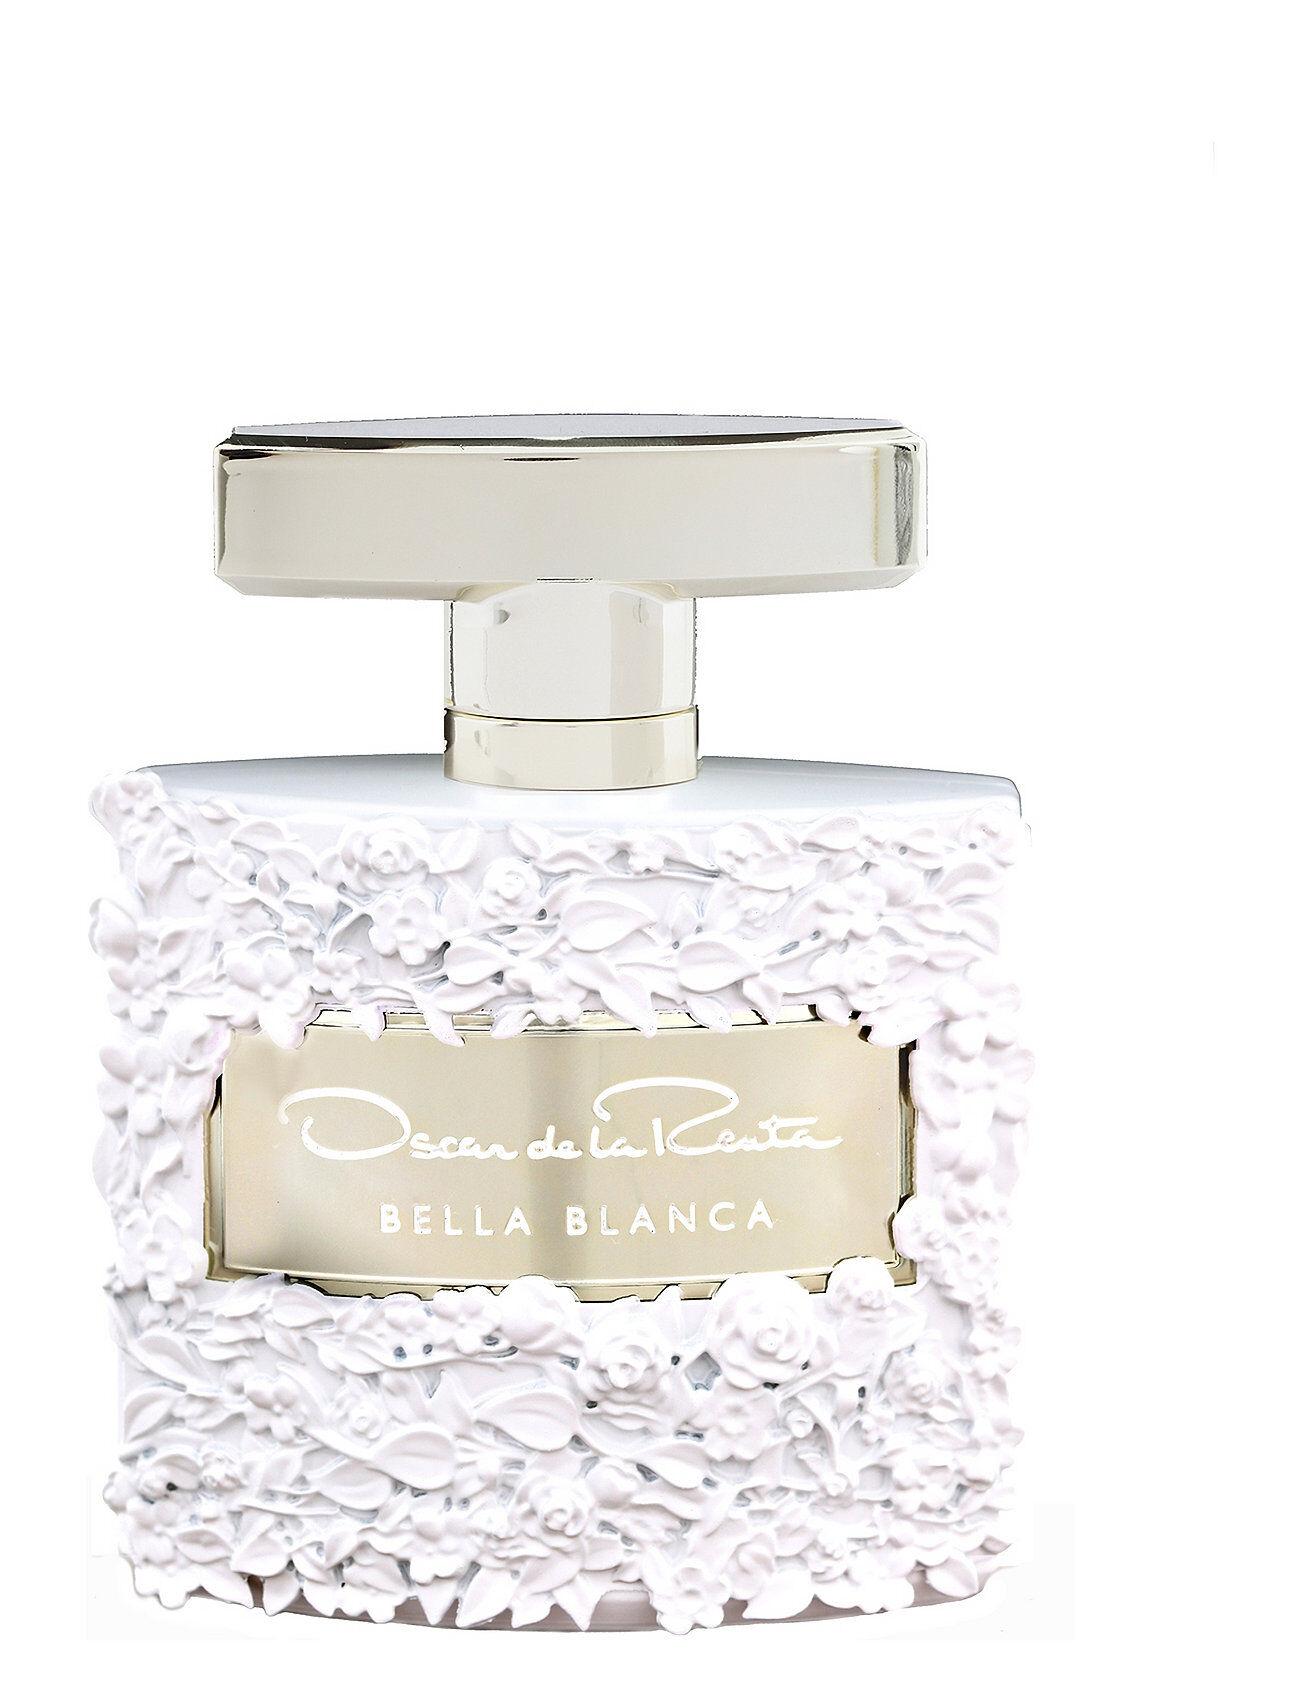 Oscar de la Renta Bella Blanca Eaude Parfum Hajuvesi Eau De Parfum Nude